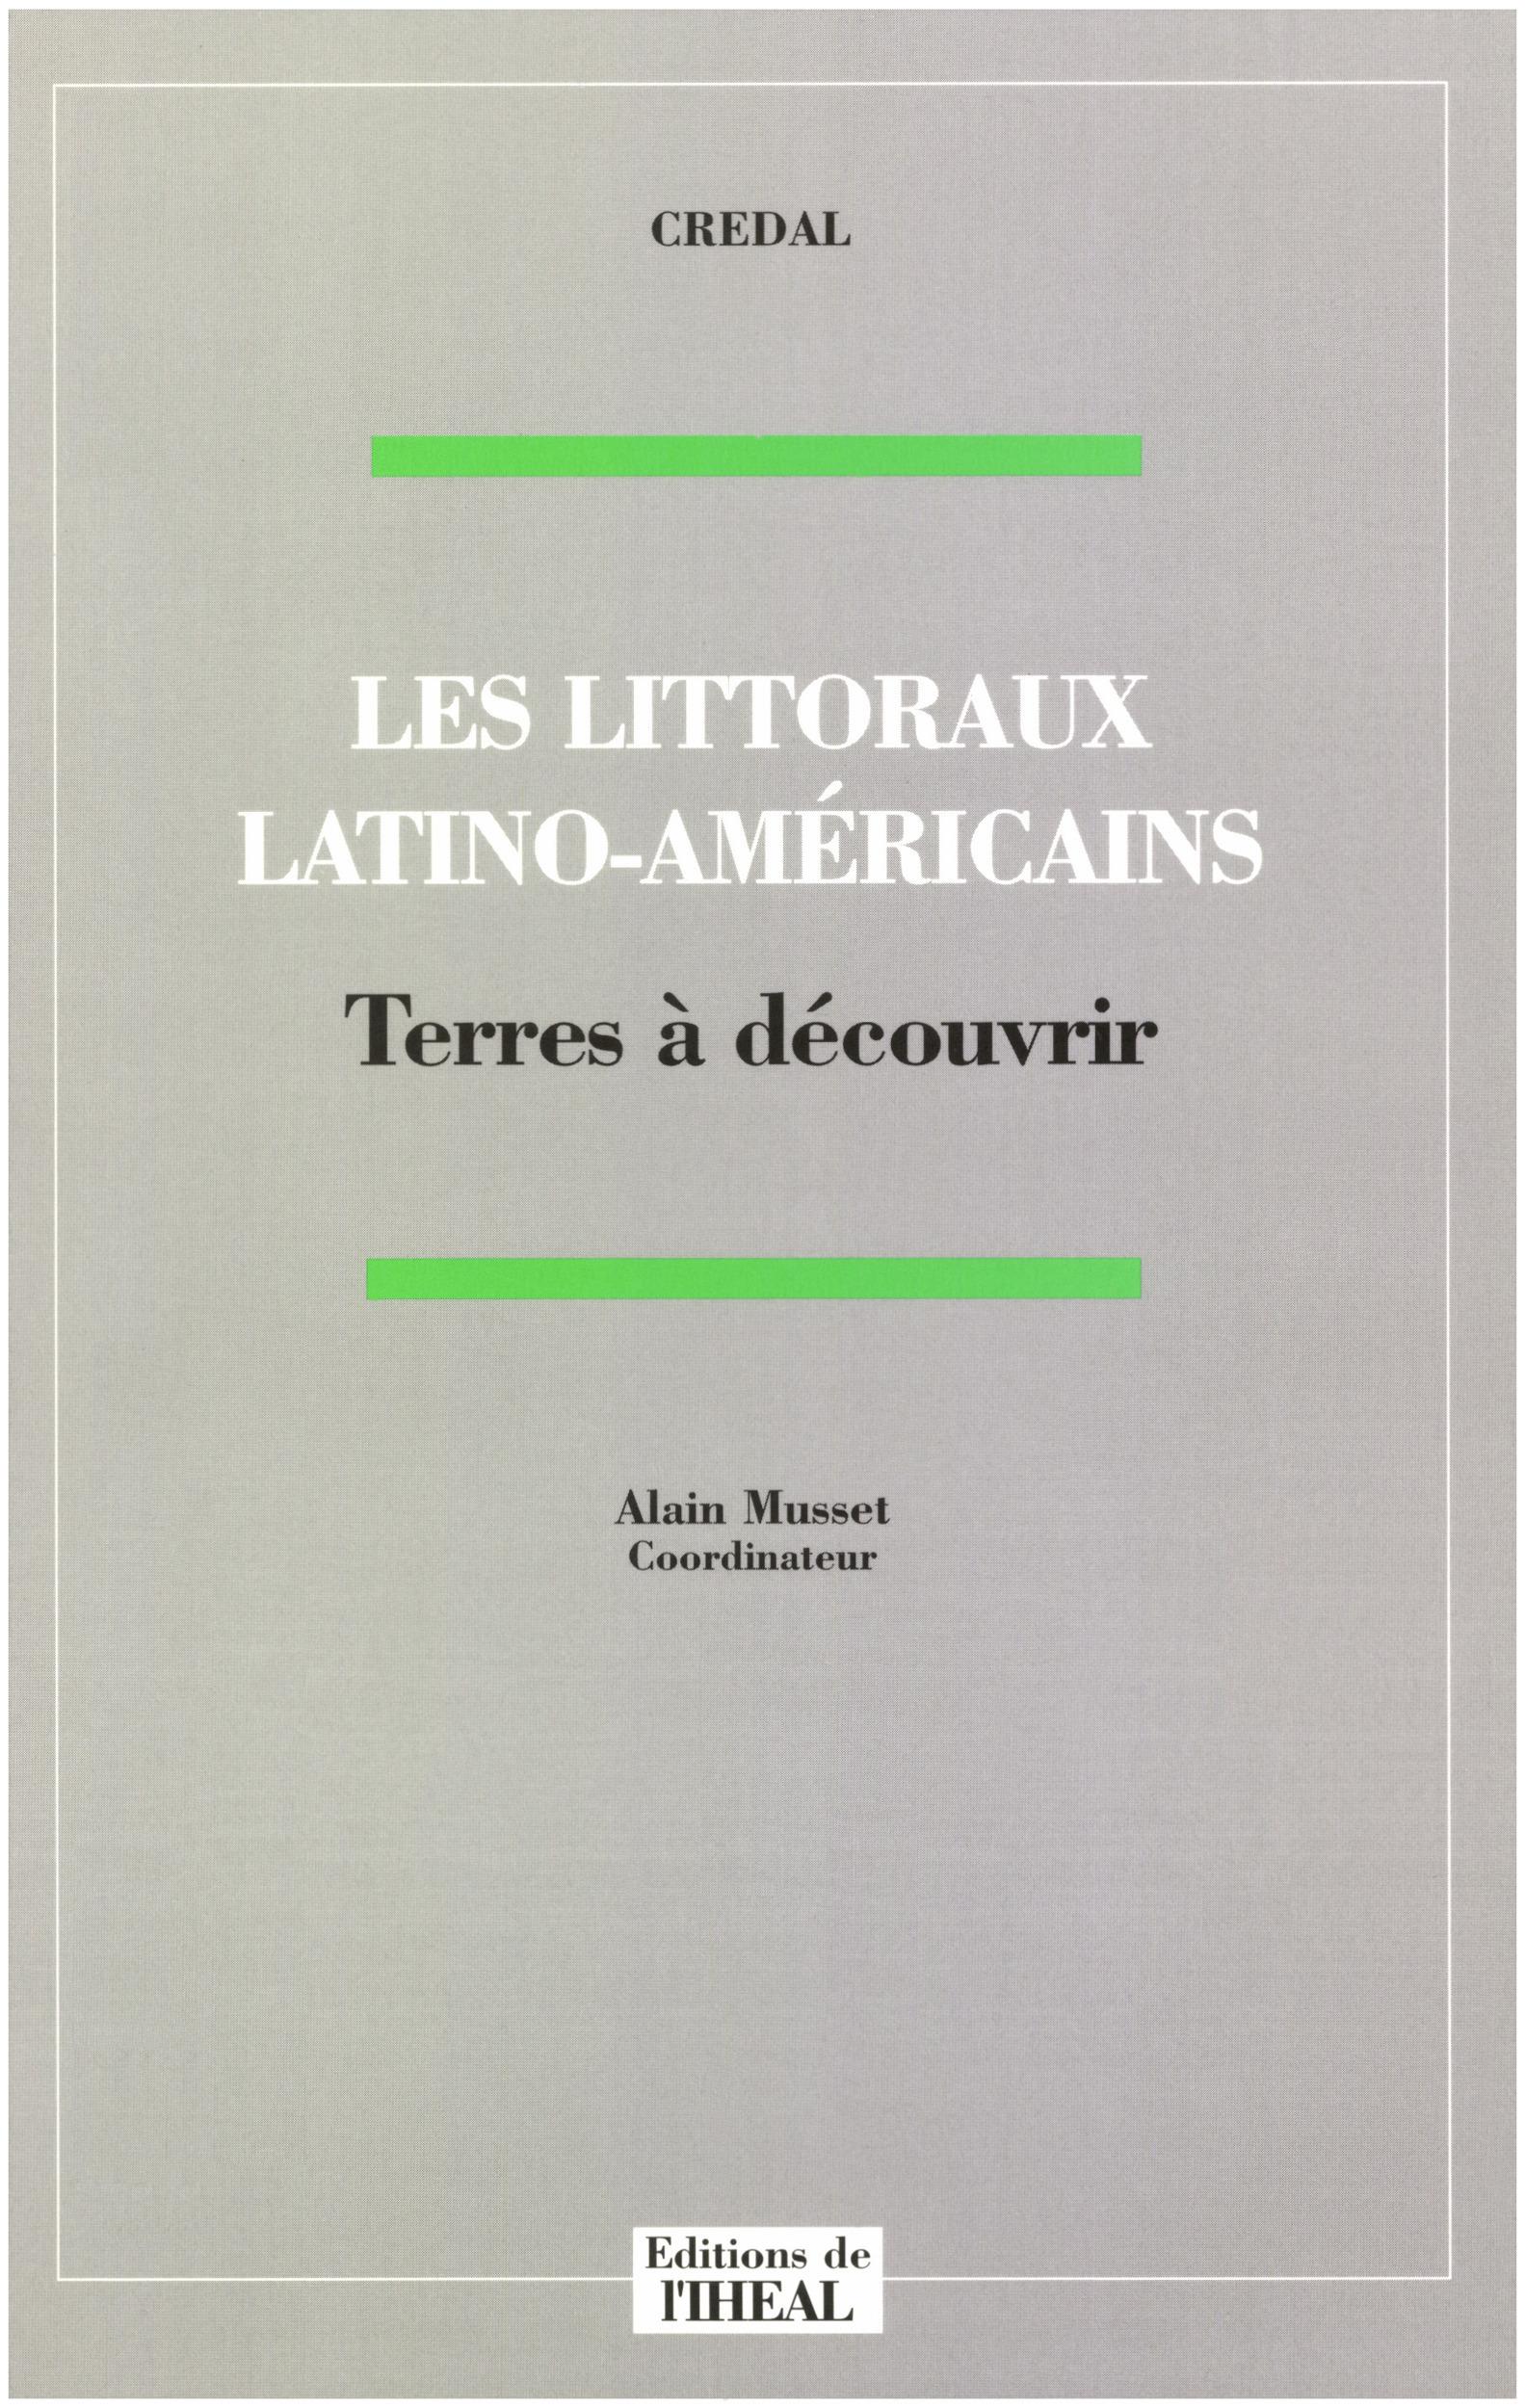 Les littoraux latino-américains ; terres à découvrir